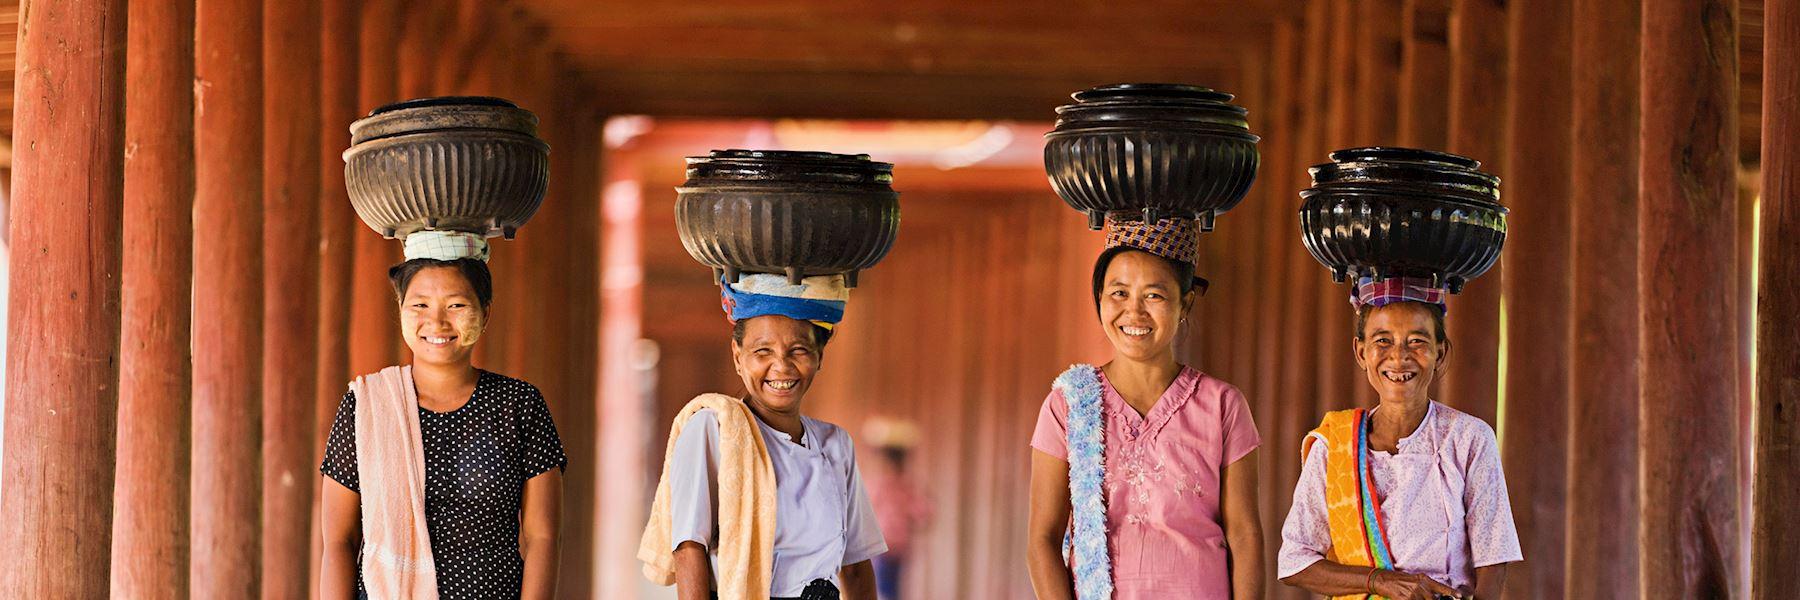 Burma (Myanmar) trip ideas